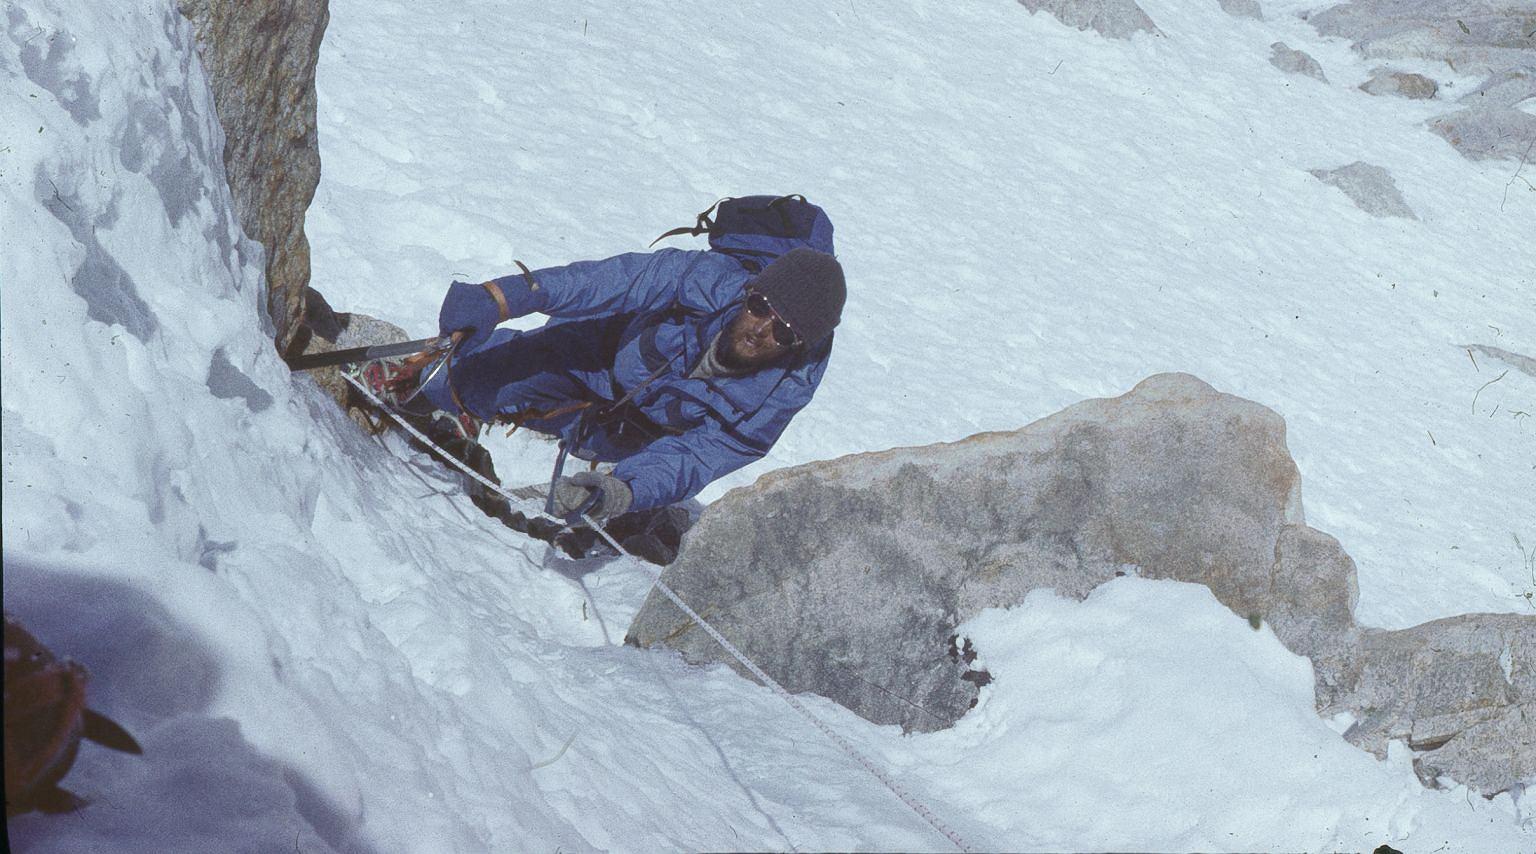 Leszek Cichy, himalaista, pierwszy zimowy zdobywca Everestu